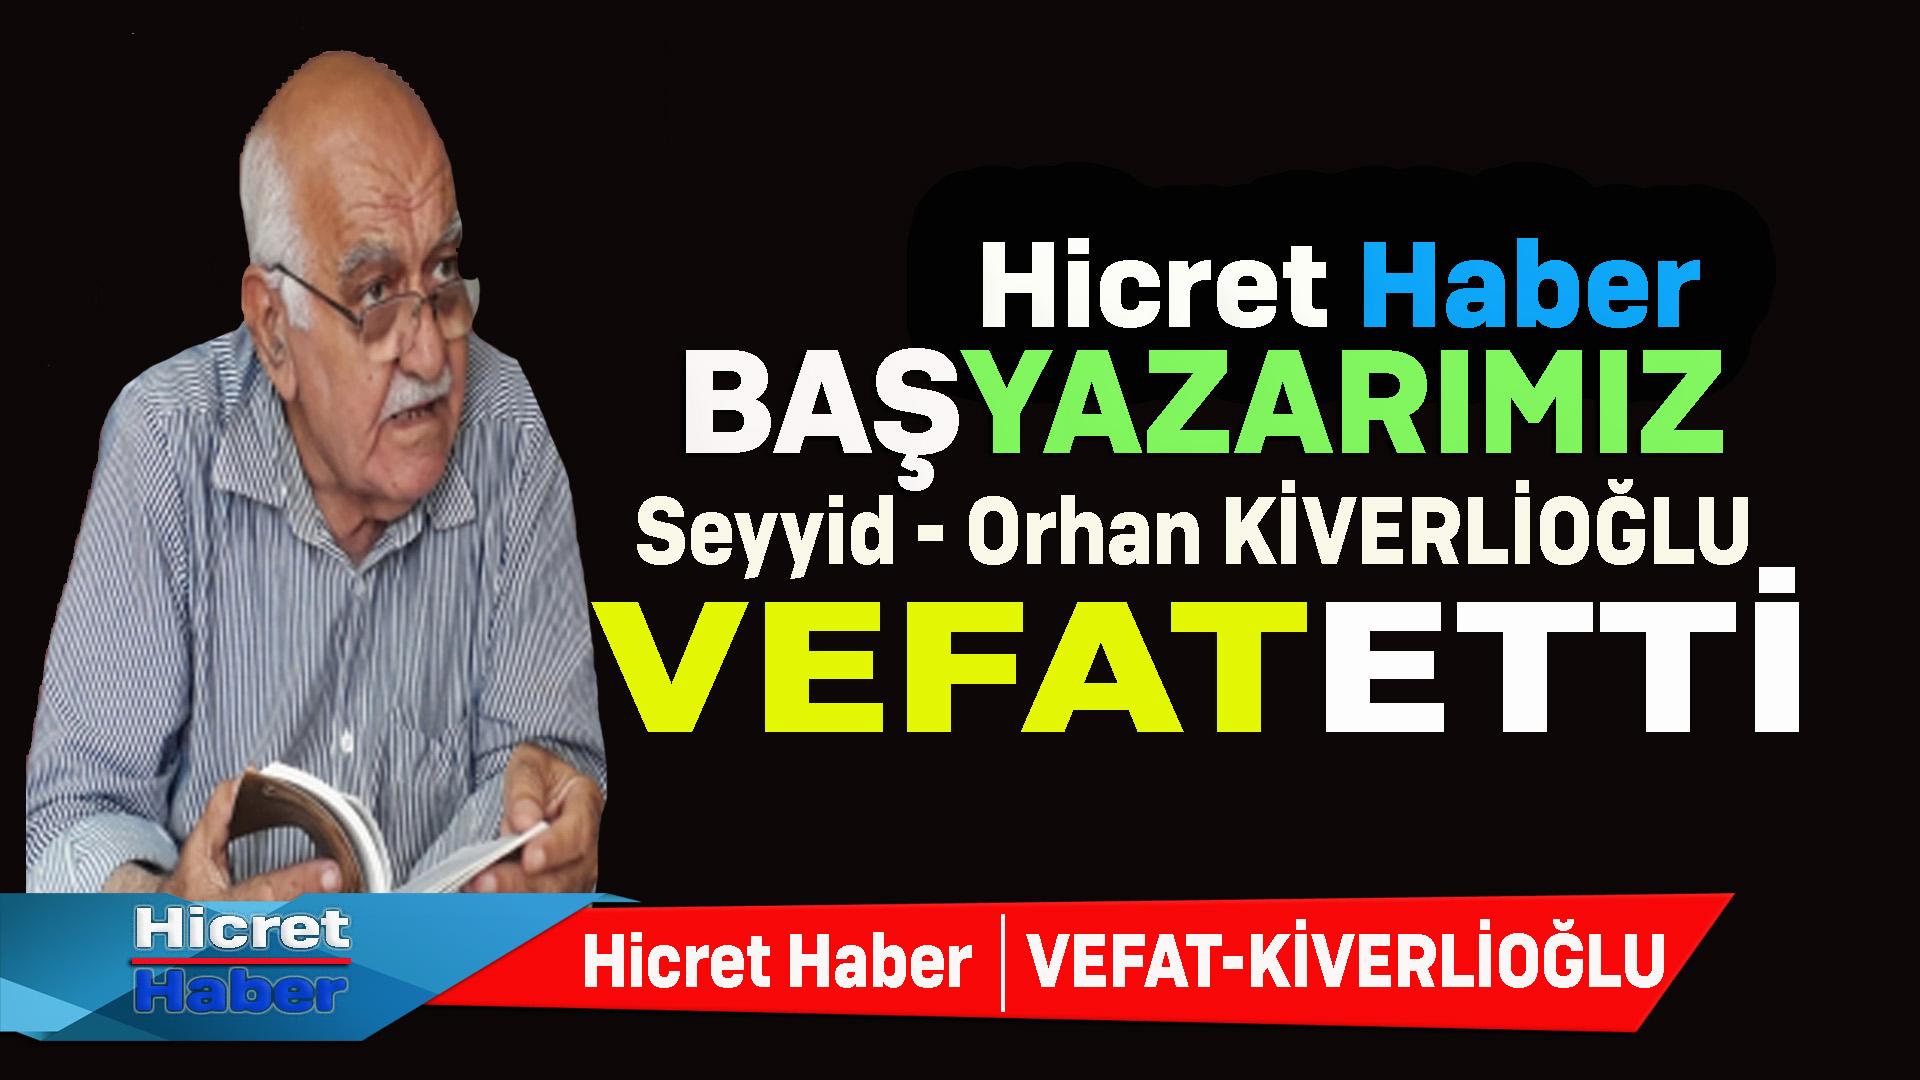 Başyazarımız Orhan Kiverlioğlu Vefat Etti